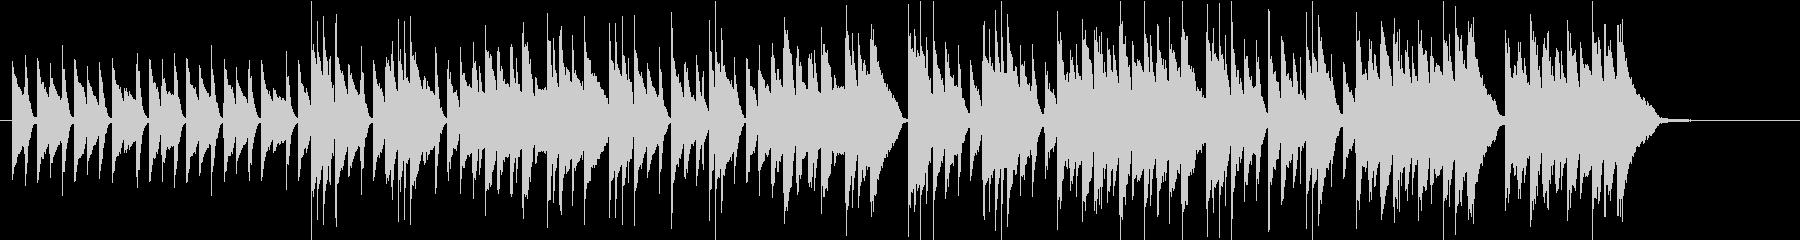 Gentle waltz, acoustic sound's unreproduced waveform